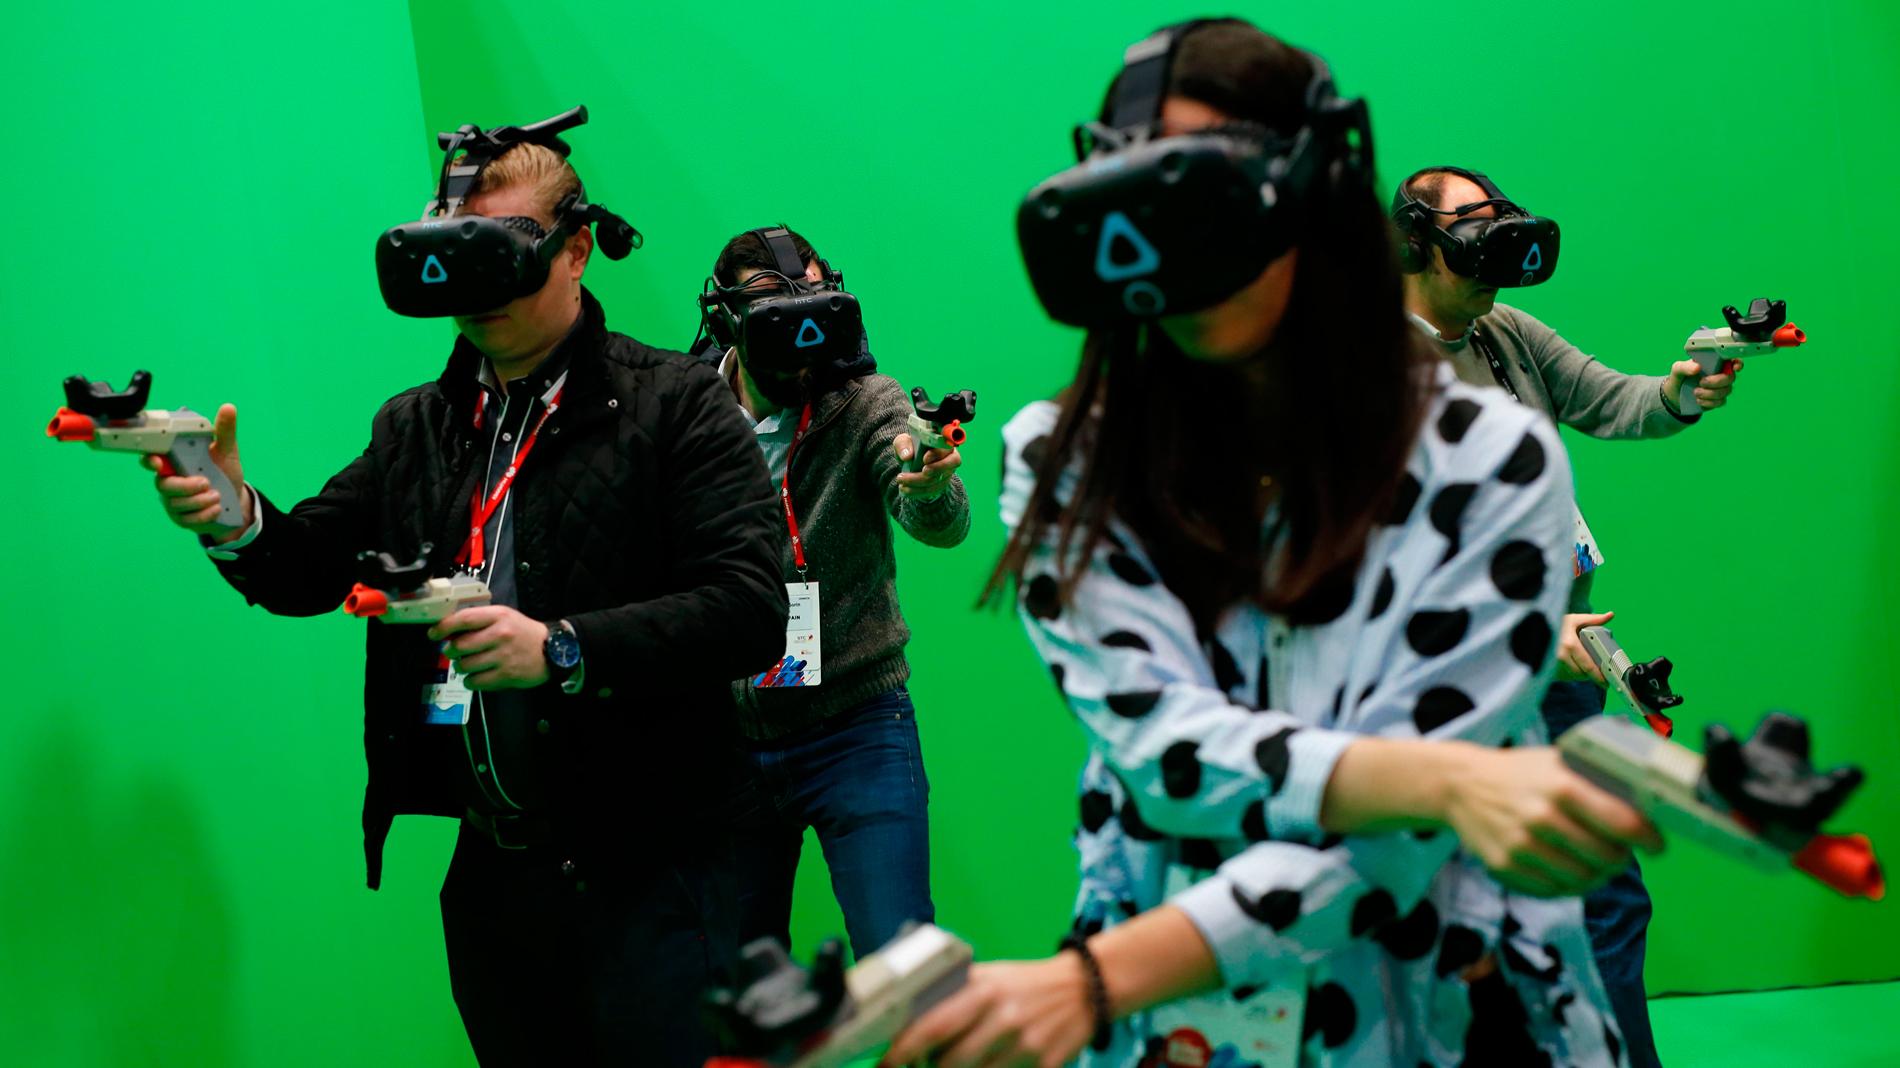 La realidad virtual toma el Mobile World Congress